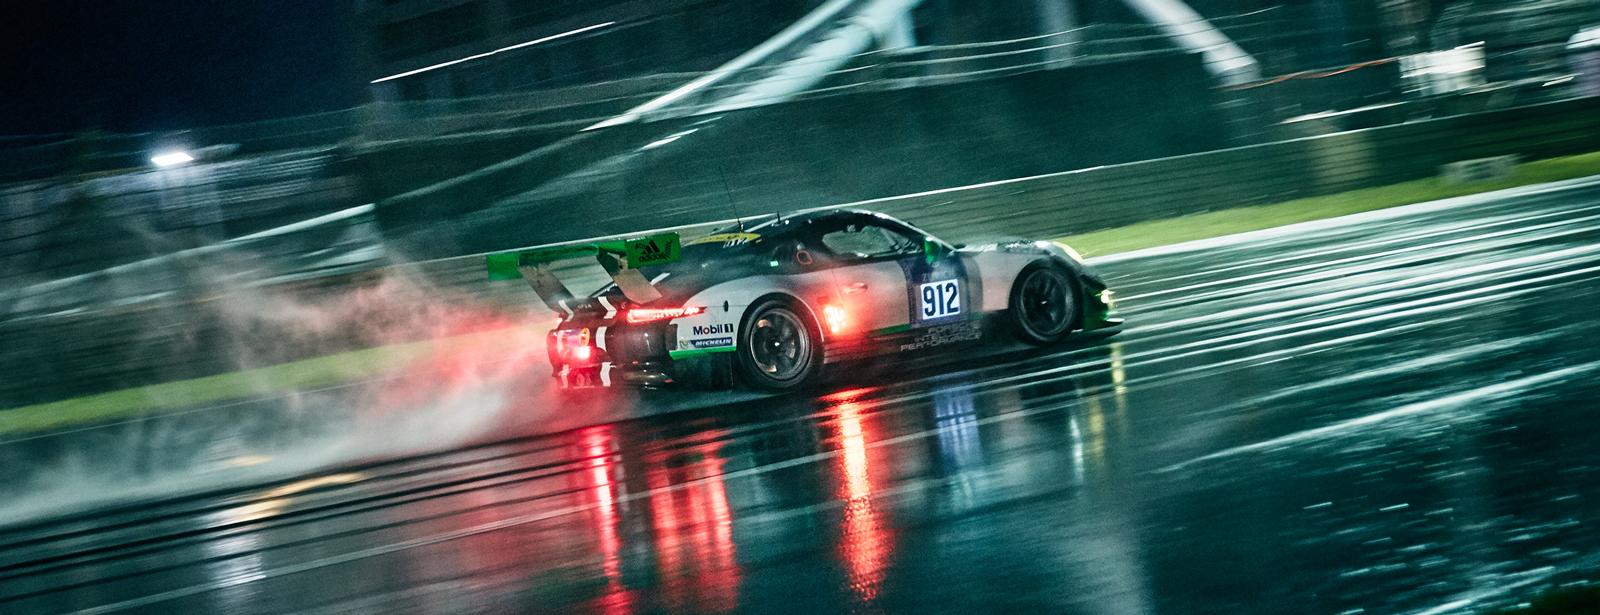 Porsche at the 24h of Nürburgring , Dr. Ing. h.c. F. Porsche AG